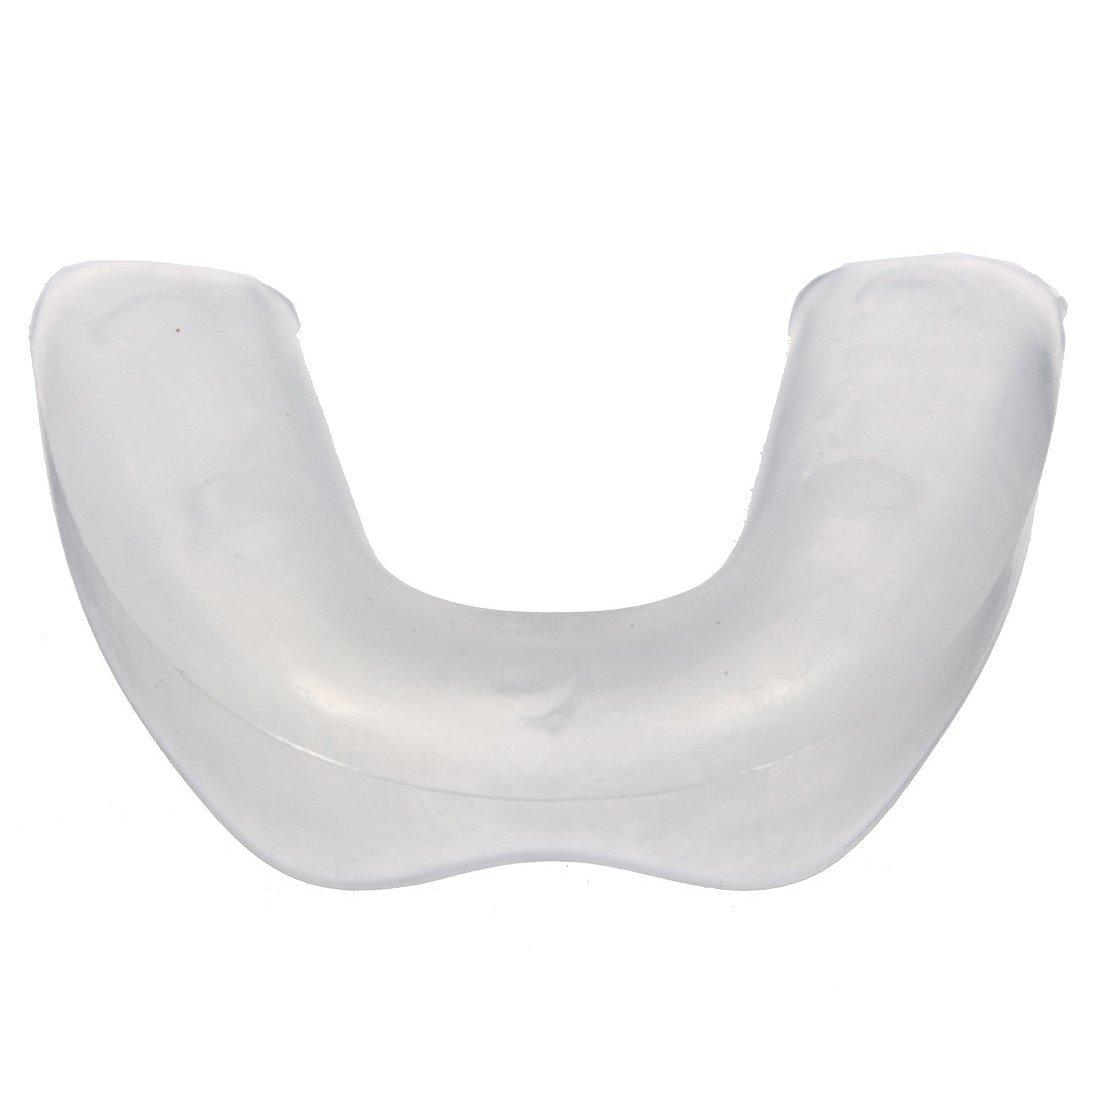 Los apoyos de los dientes - SODIAL(R) Bucal Encia de Dientes de Plastico Suave Sola Capa de Boca Boxeo para Protector los Dientes, Transparente